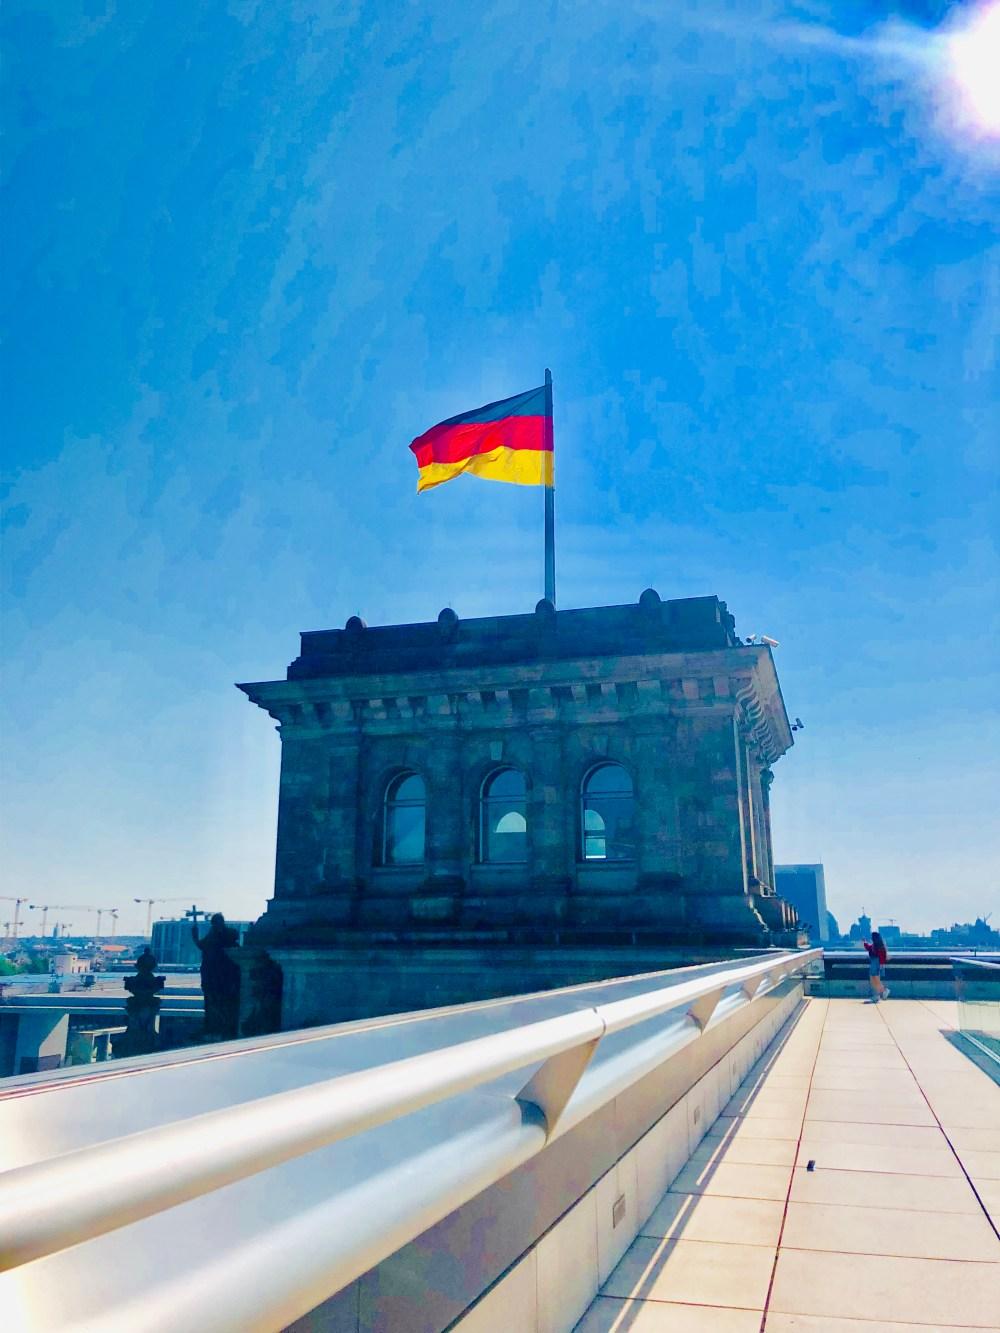 Leuchtende Deutschland Fahne auf dem Gebäude desBundestag